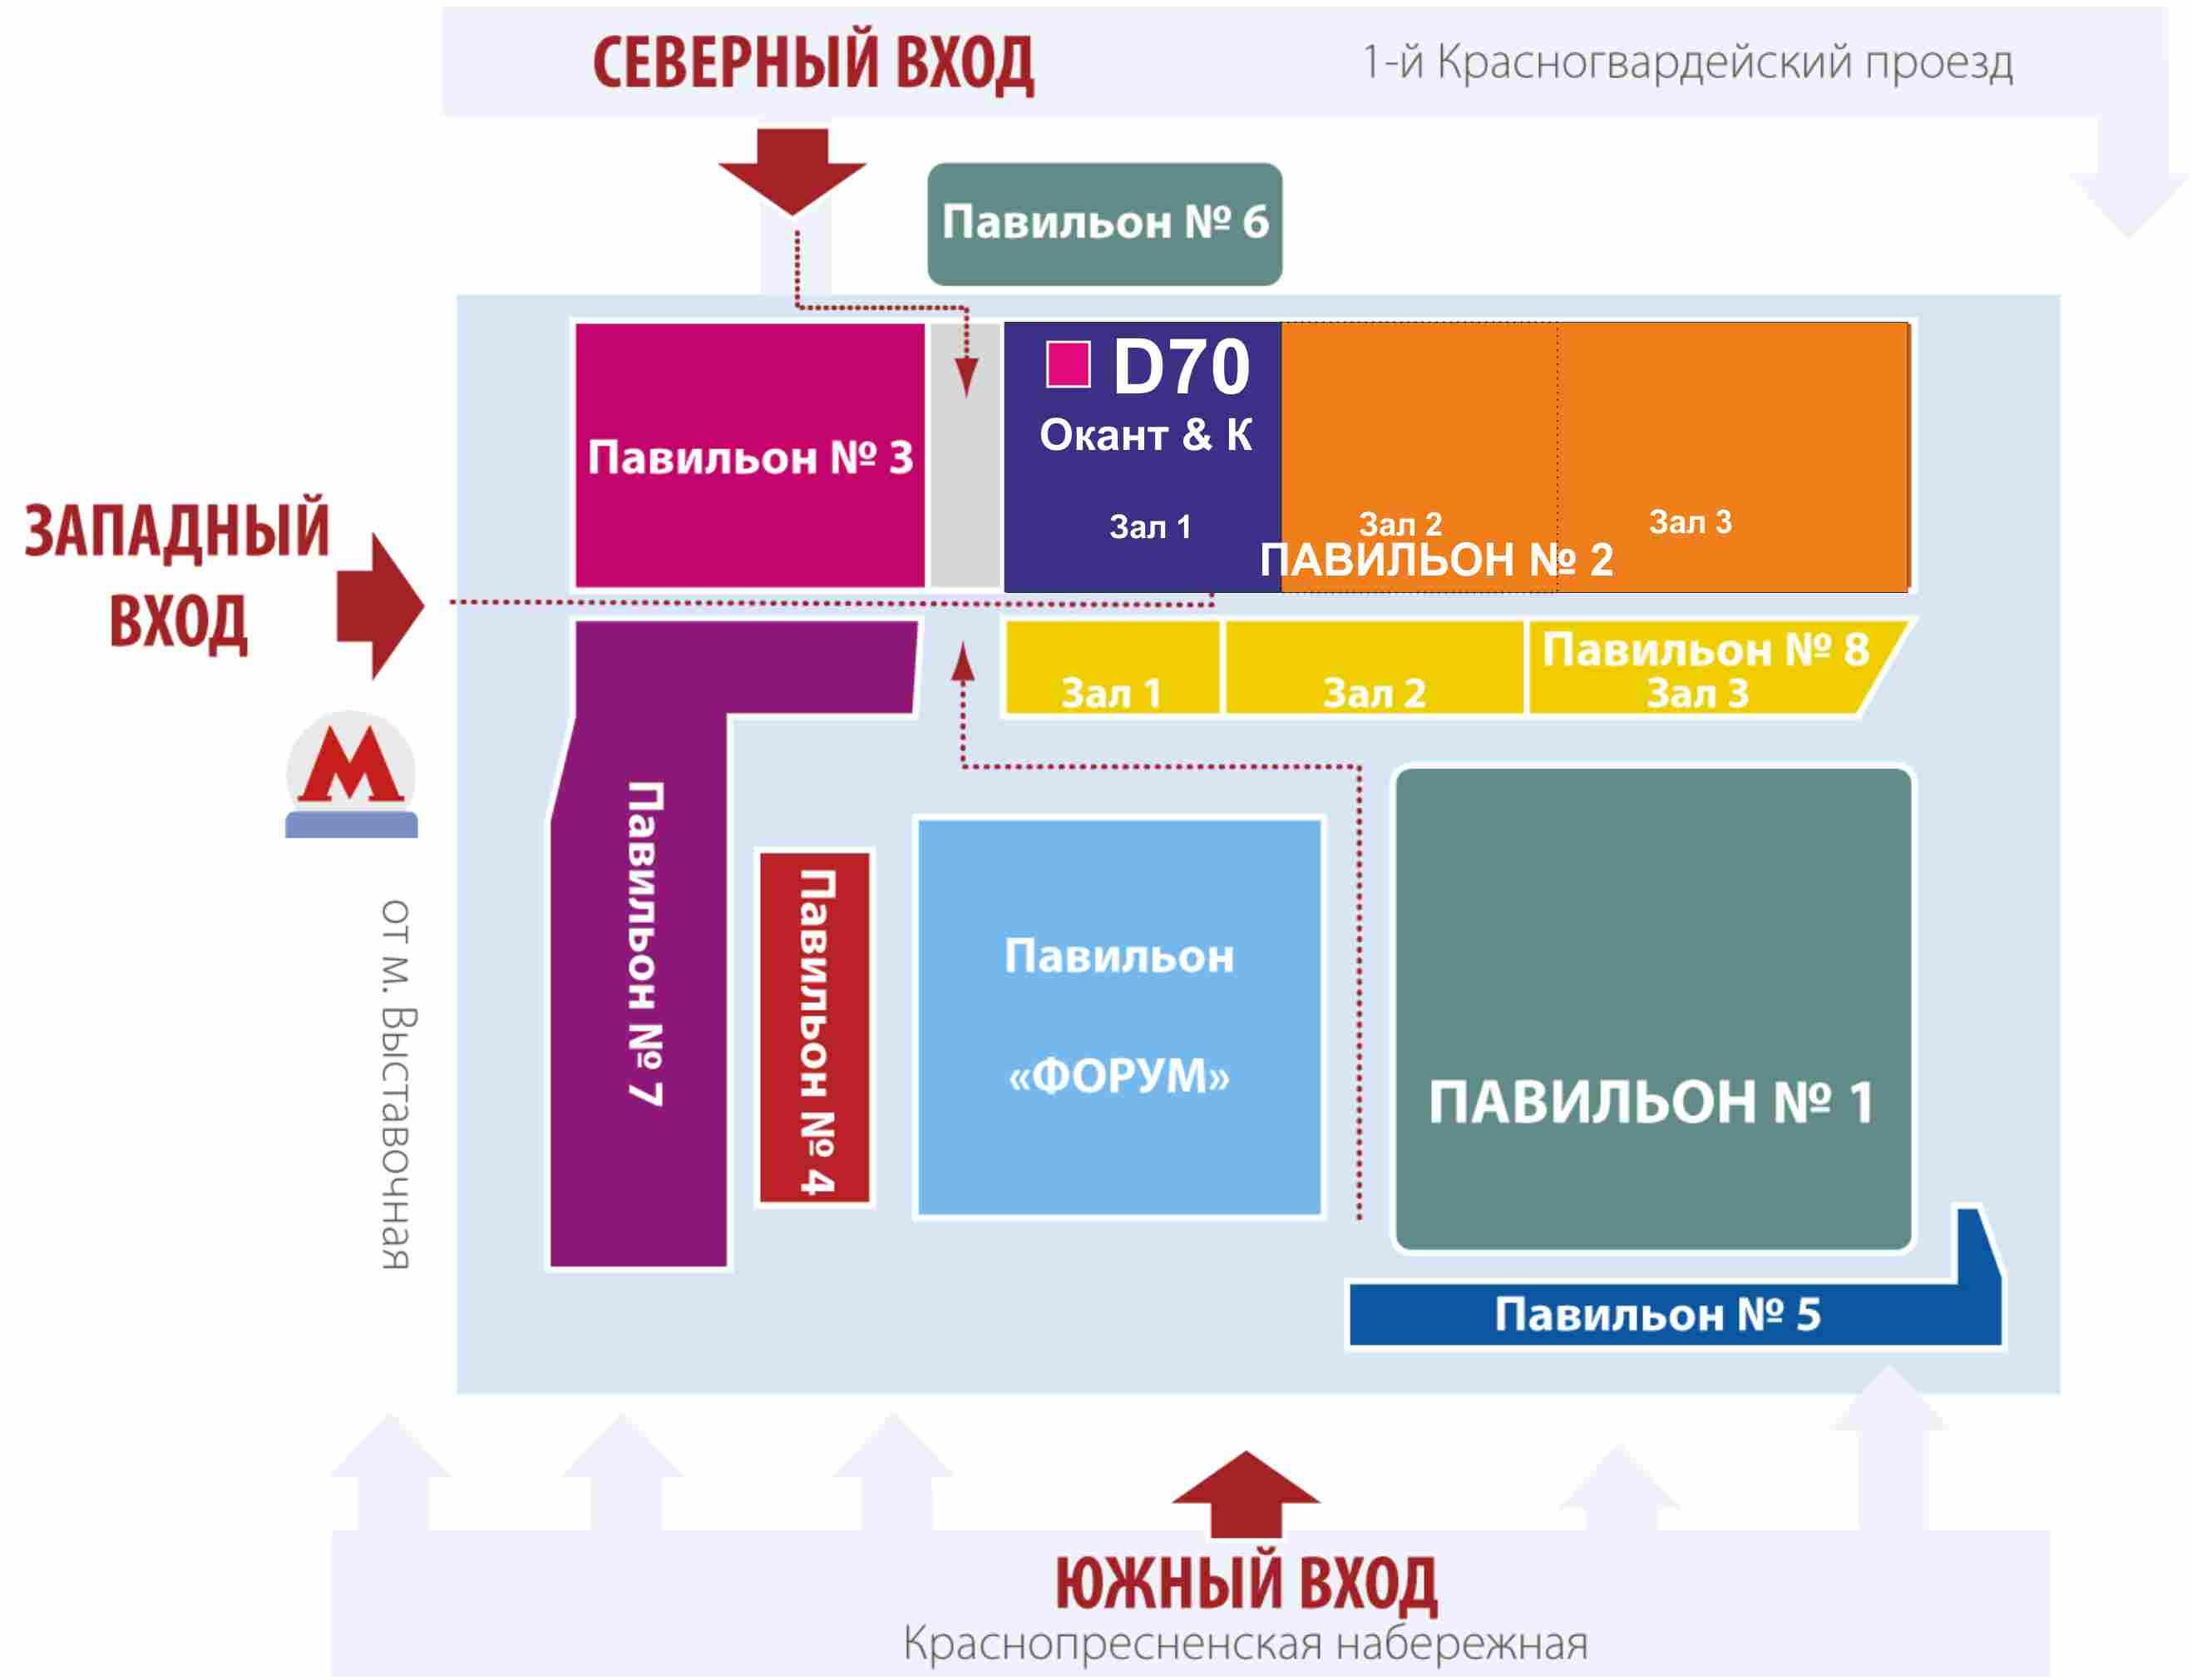 Схема расположения павильонов в экспоцентре